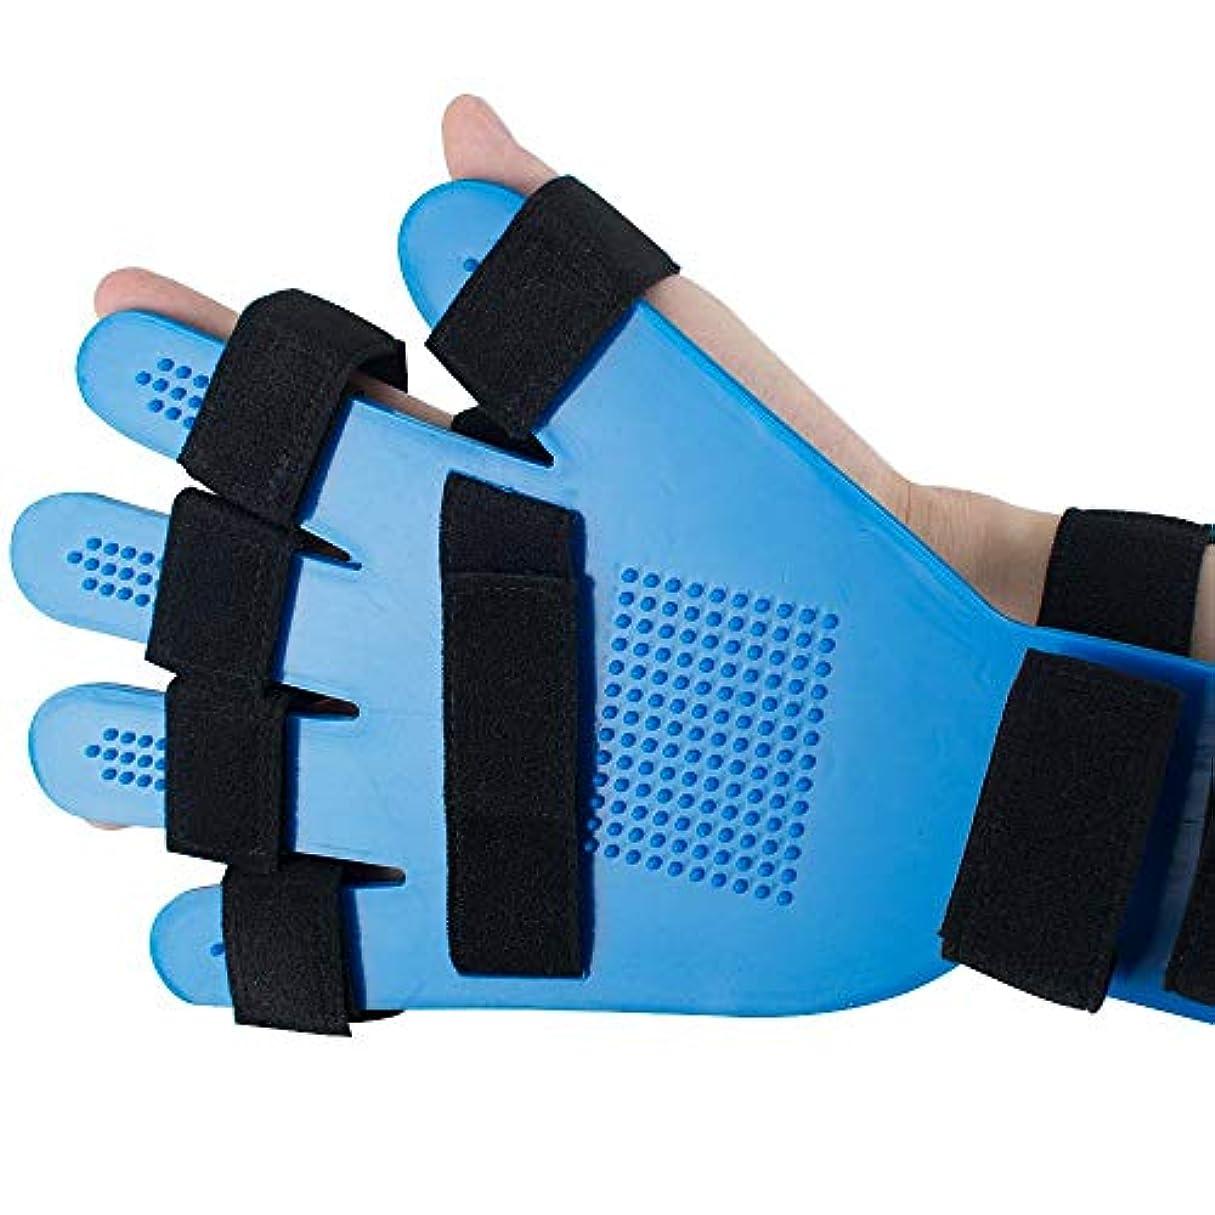 人道的枝爪指の添え木、指板指の分離器矯正具、ポイント手首手首訓練装具装具サポート右左男性女性